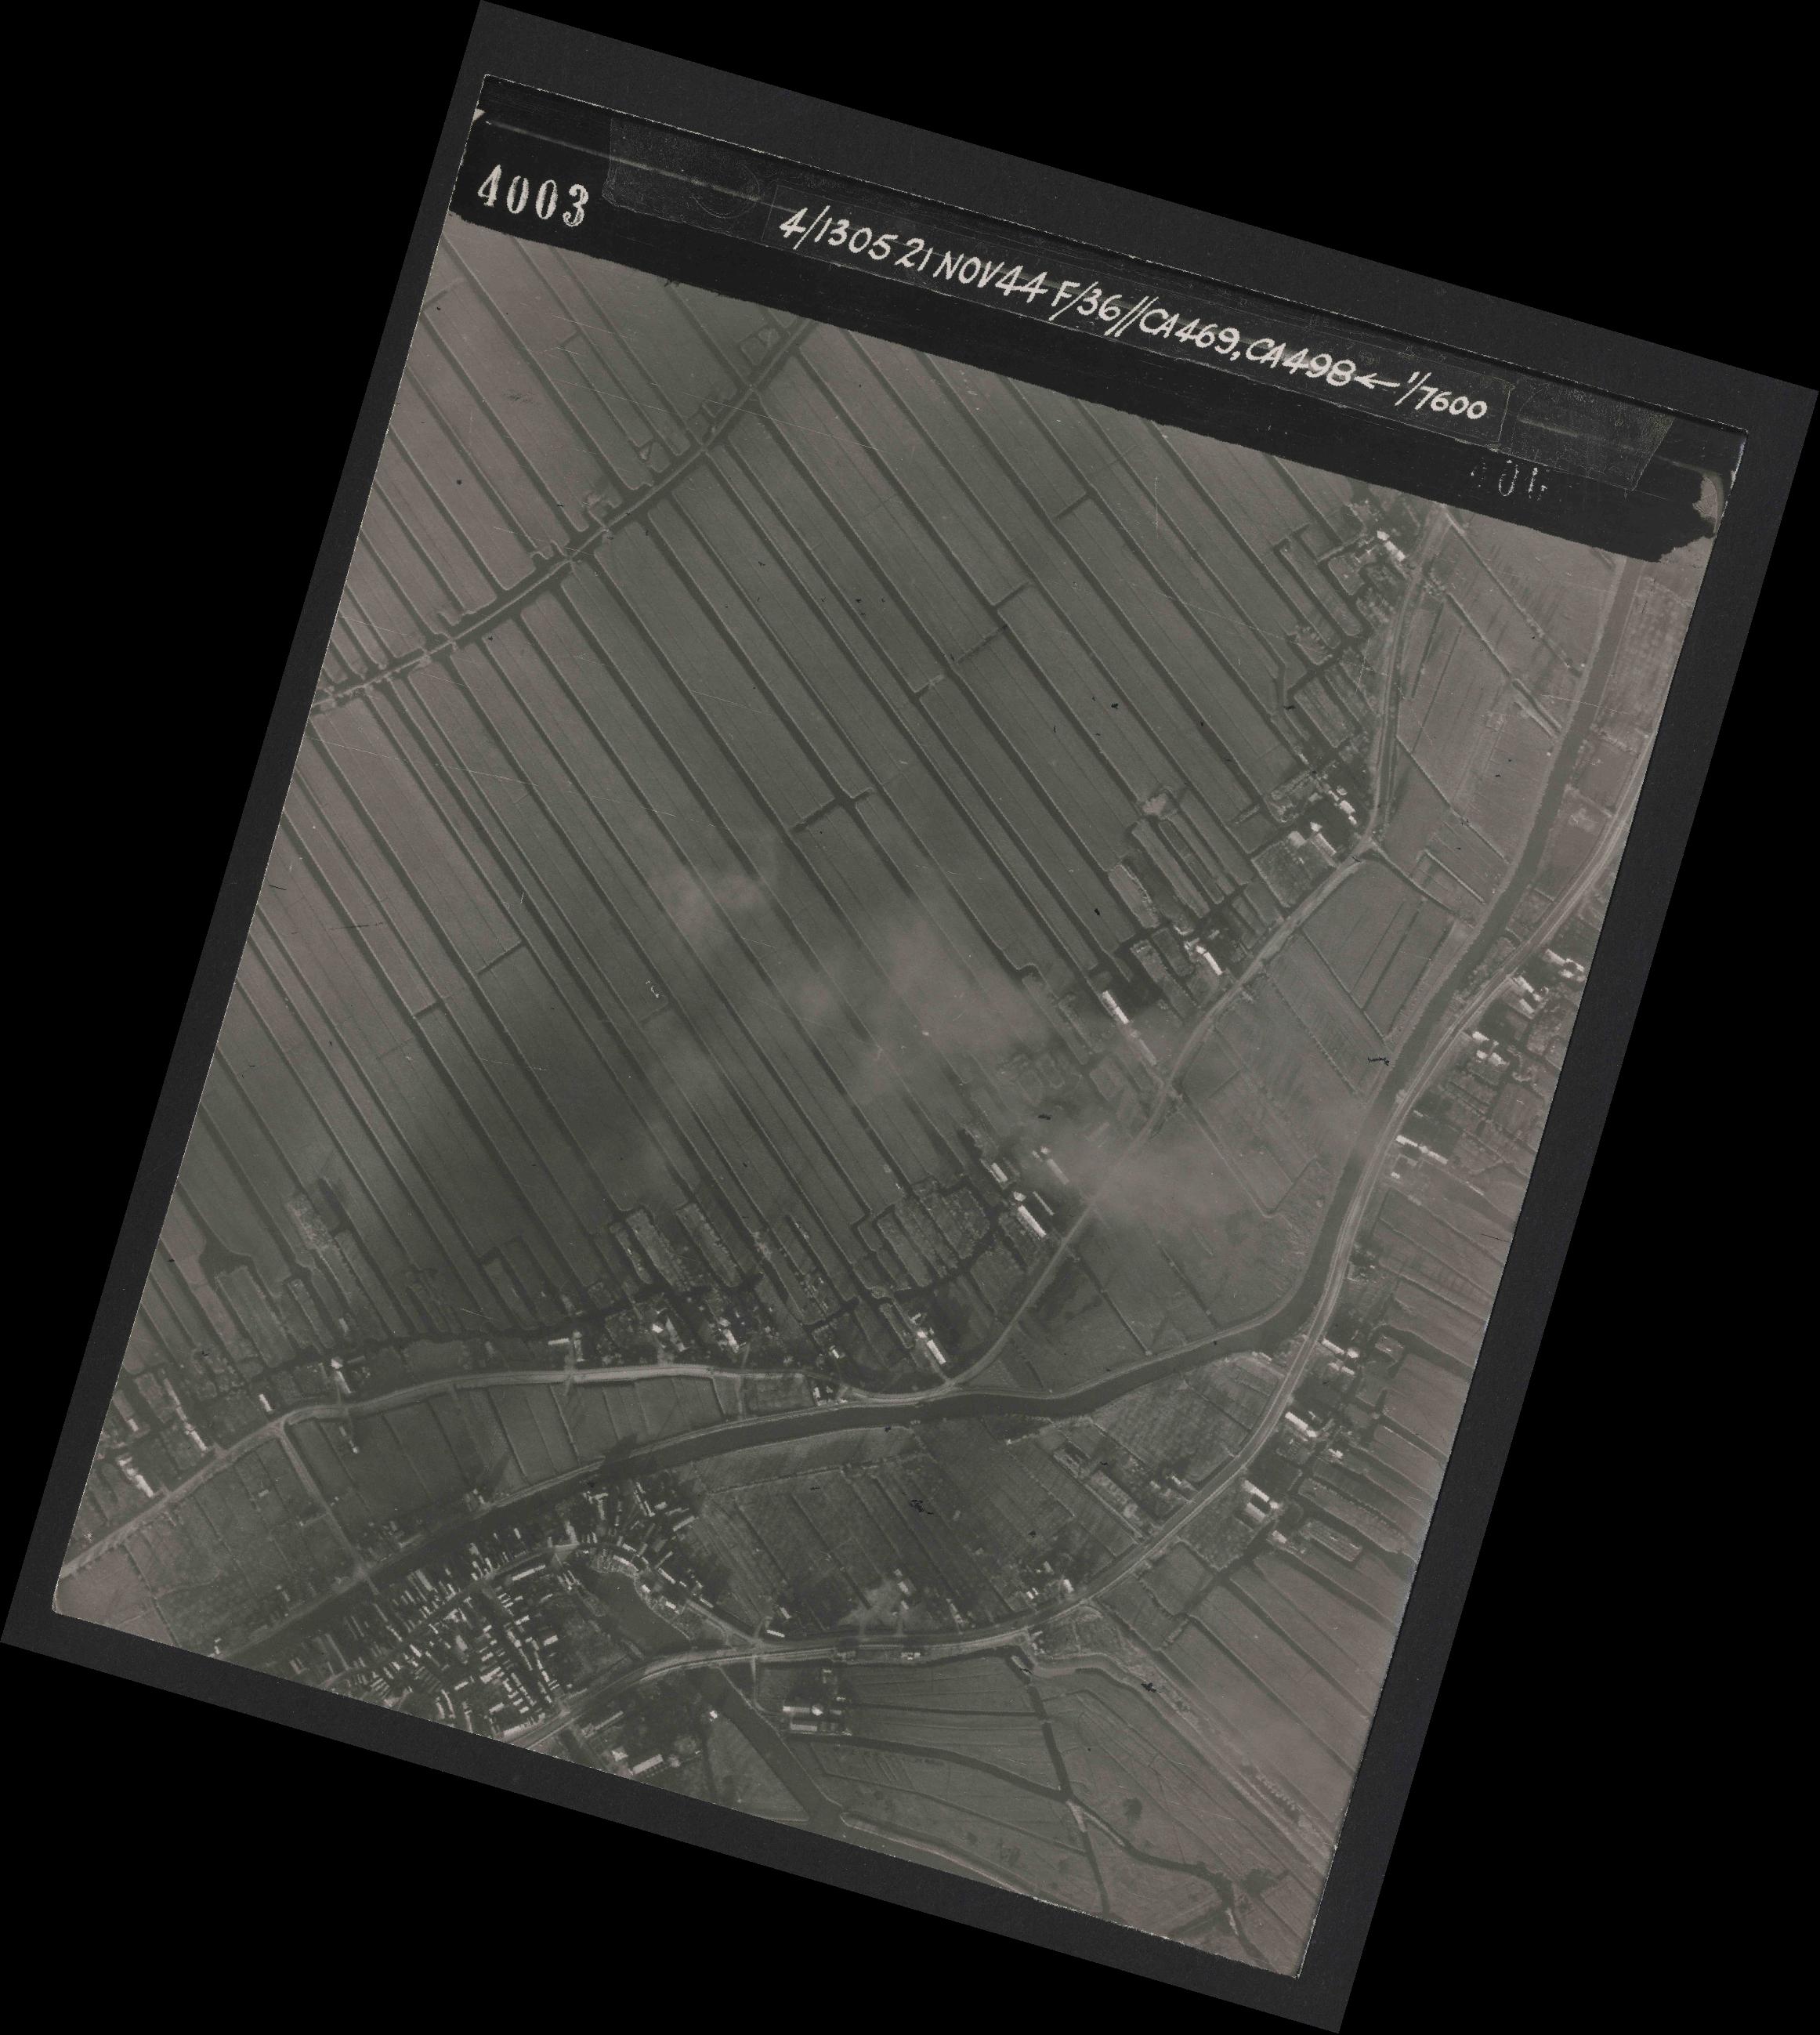 Collection RAF aerial photos 1940-1945 - flight 237, run 09, photo 4003